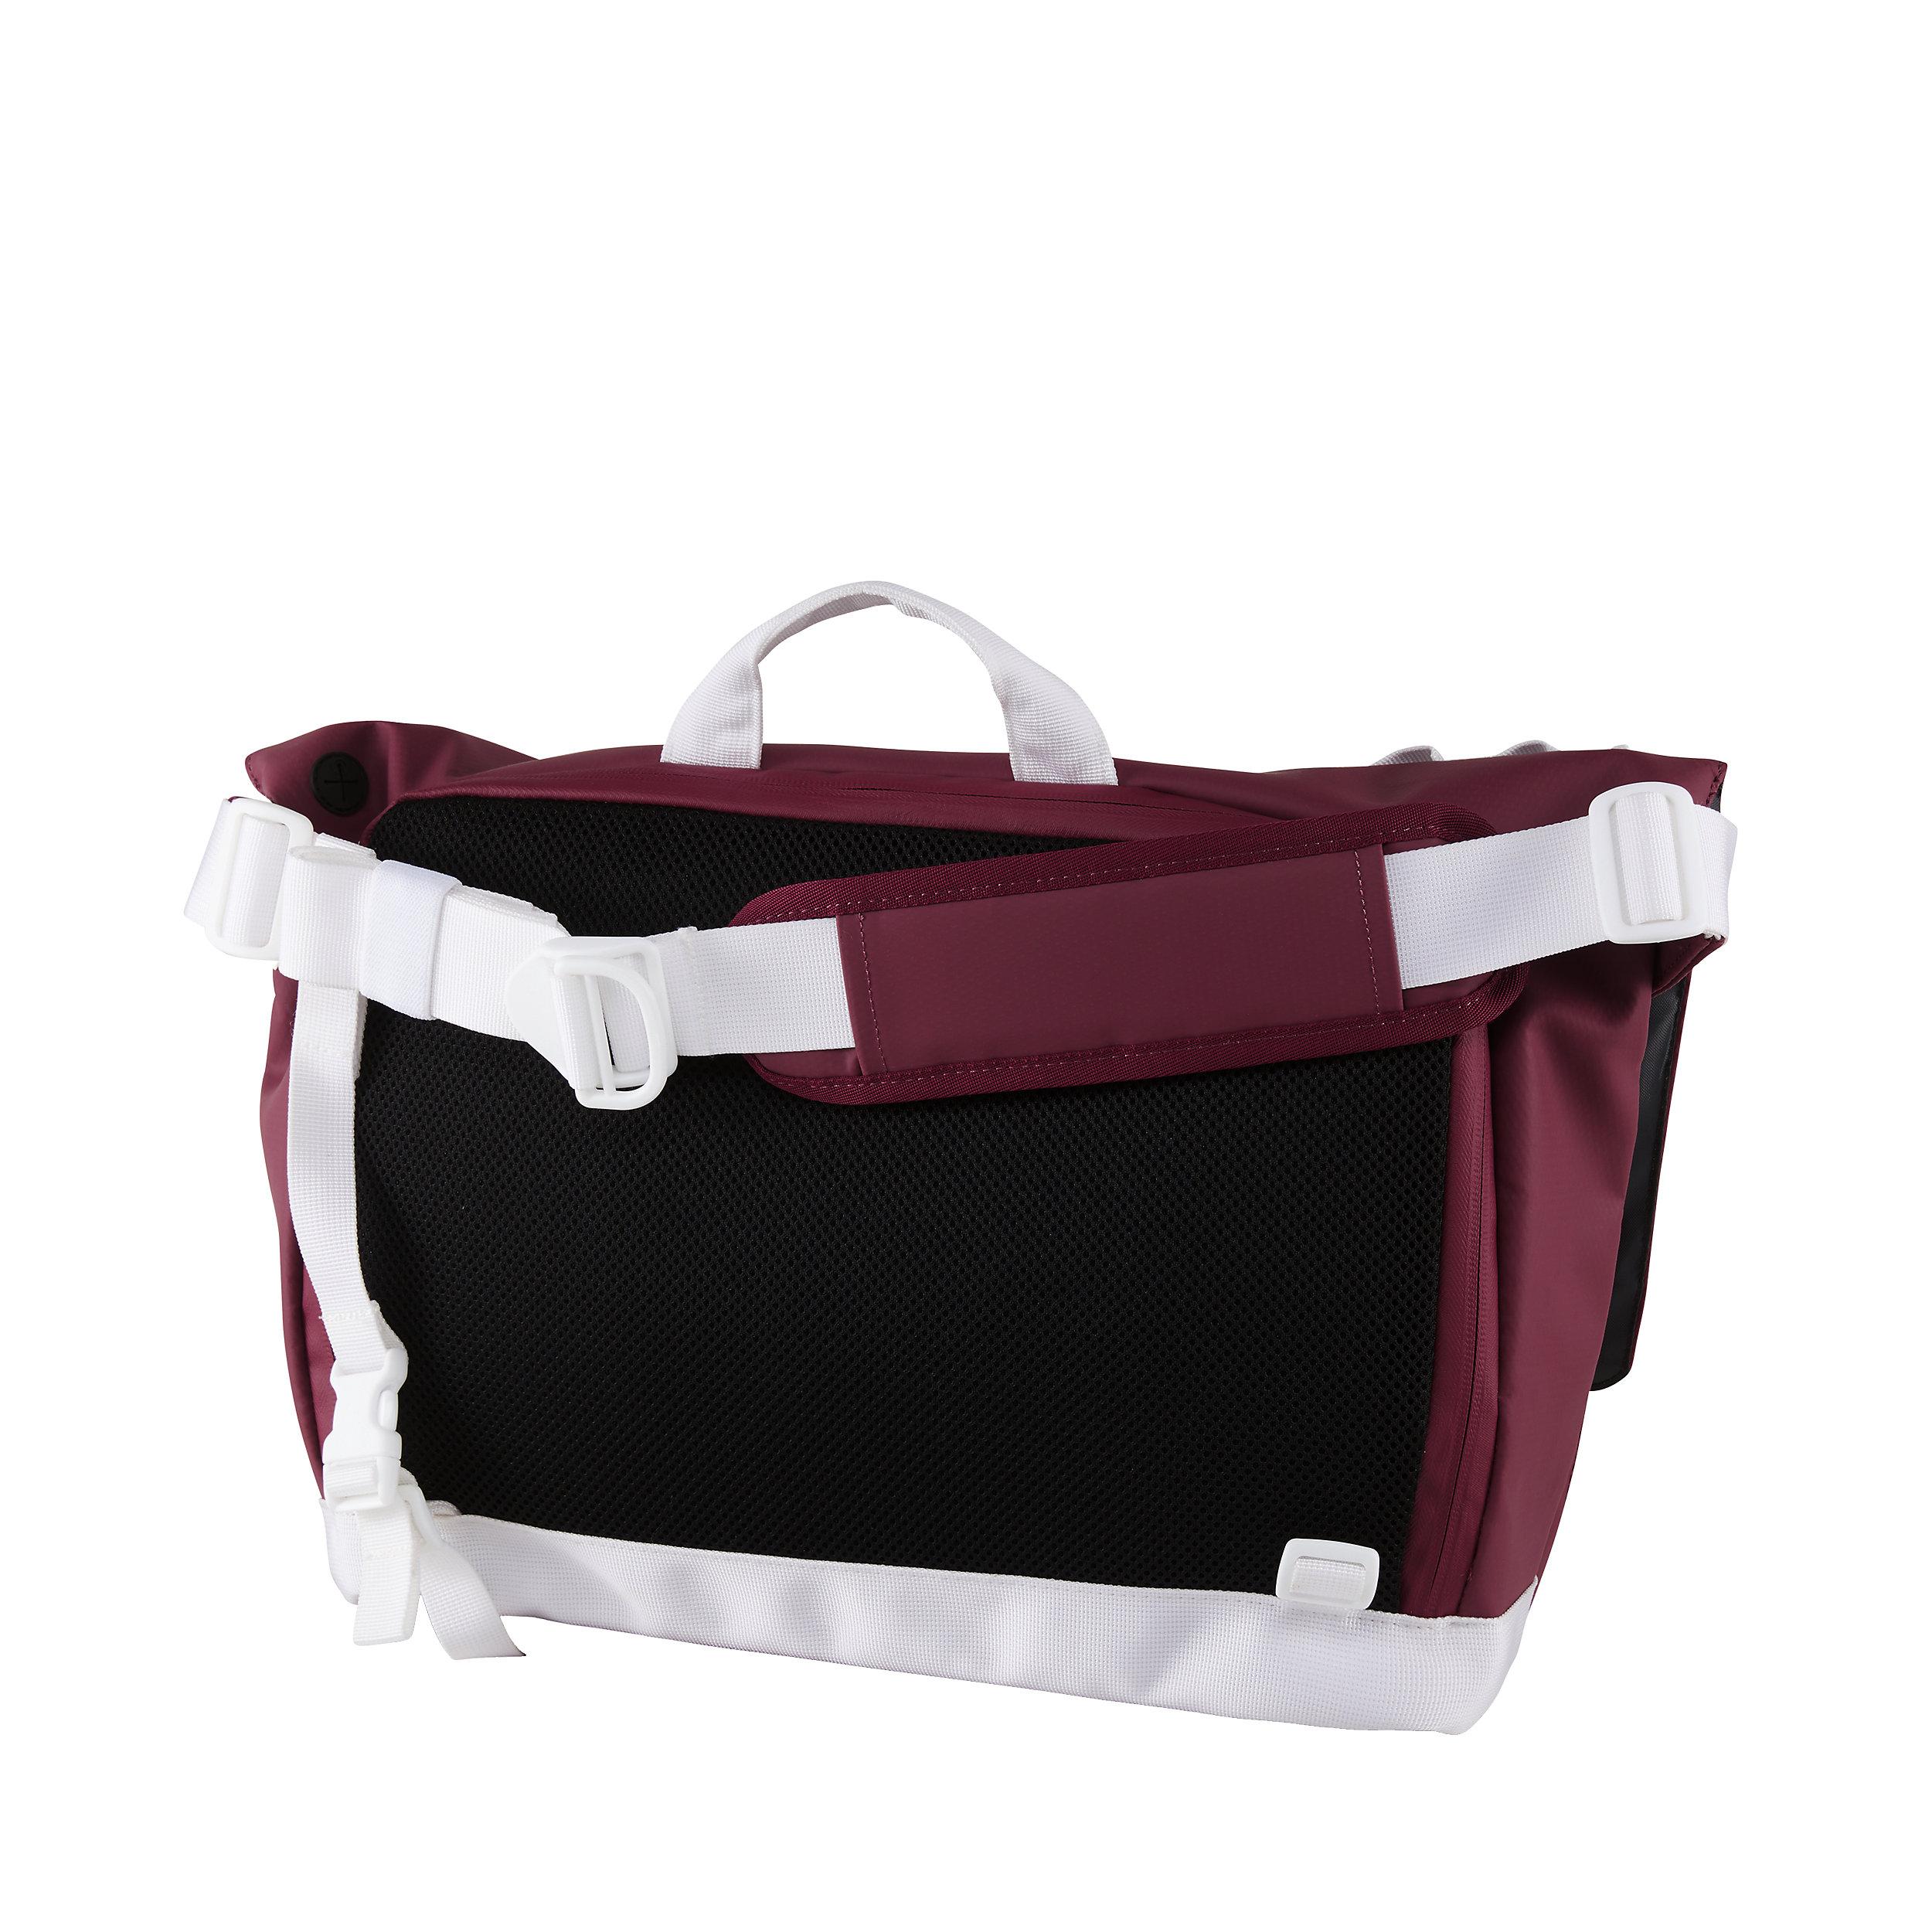 Messenger Bag 731 Punch M 16 Liter